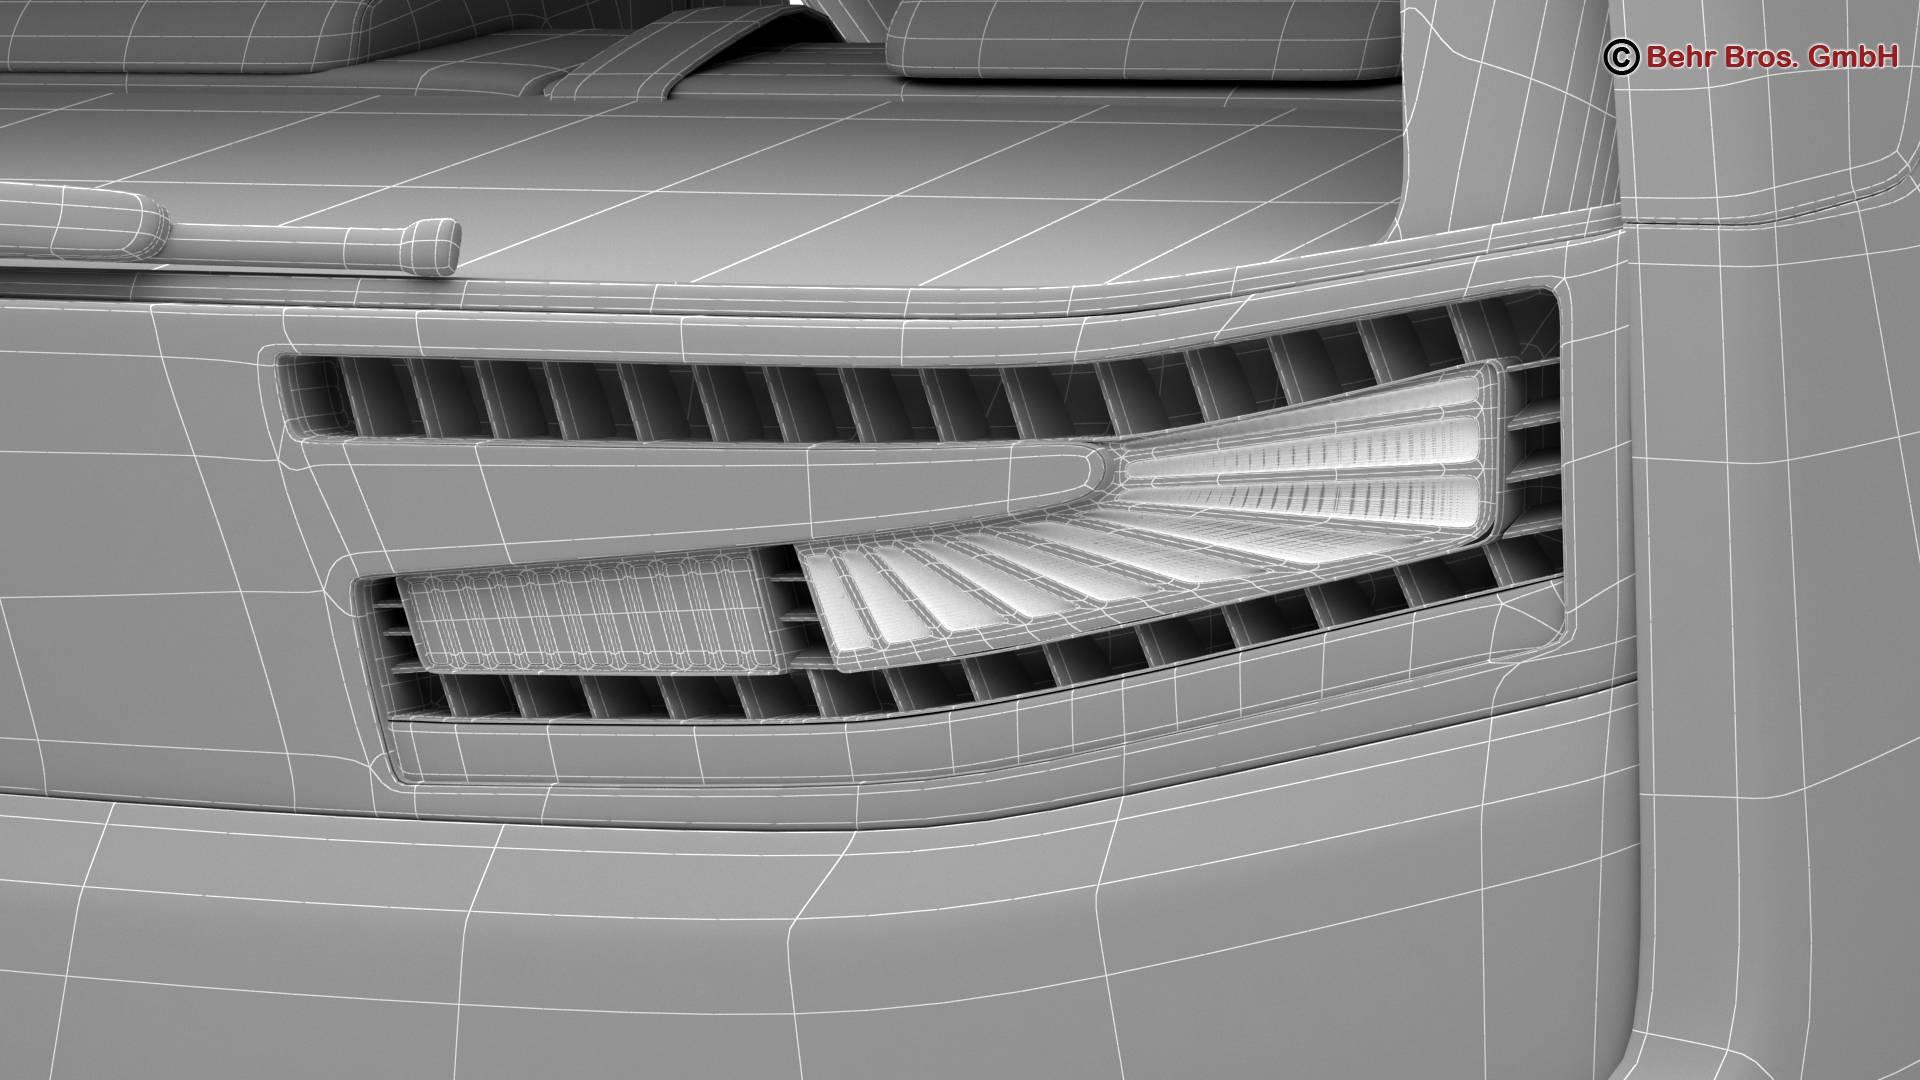 generic city car 3d model 3ds max fbx c4d lwo ma mb obj 209057